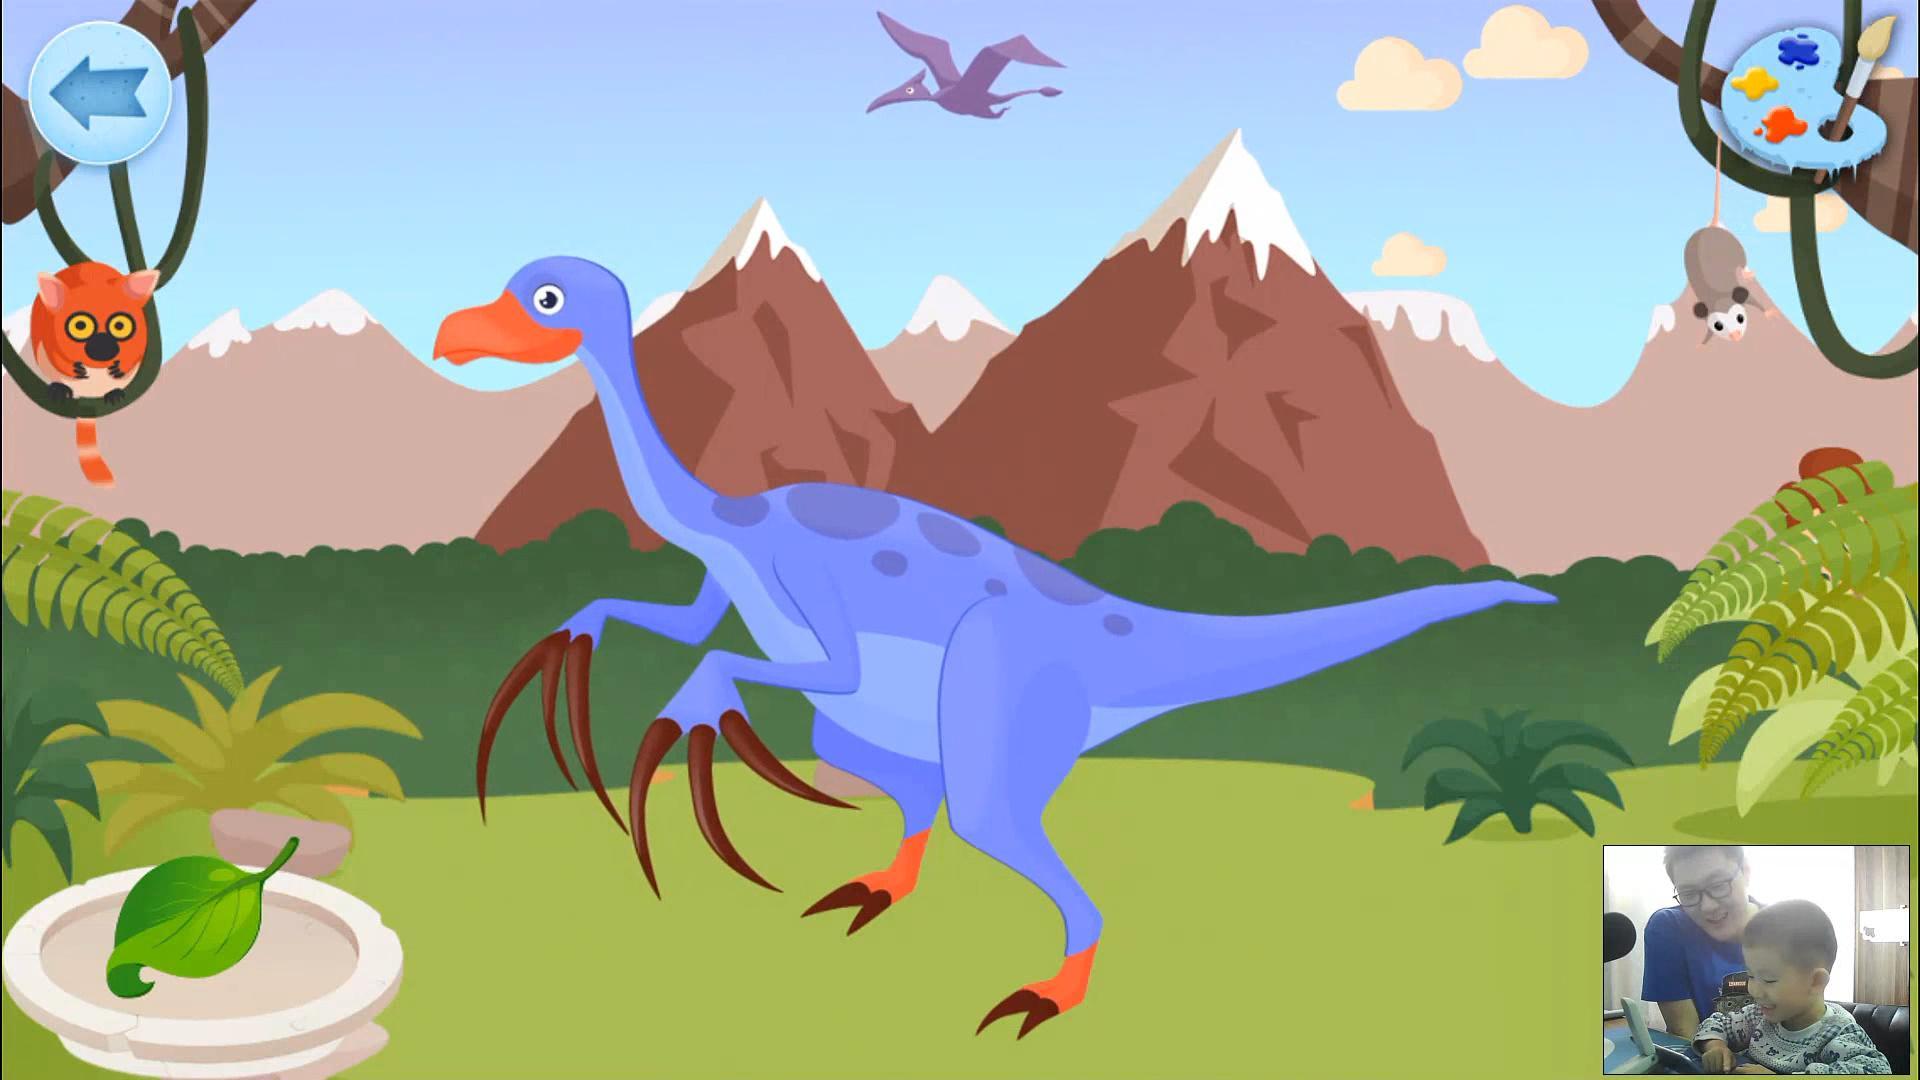 恐龙游戏 第8期:恐龙化石 恐龙玩具儿童游戏 亲子游戏 侏罗纪世界